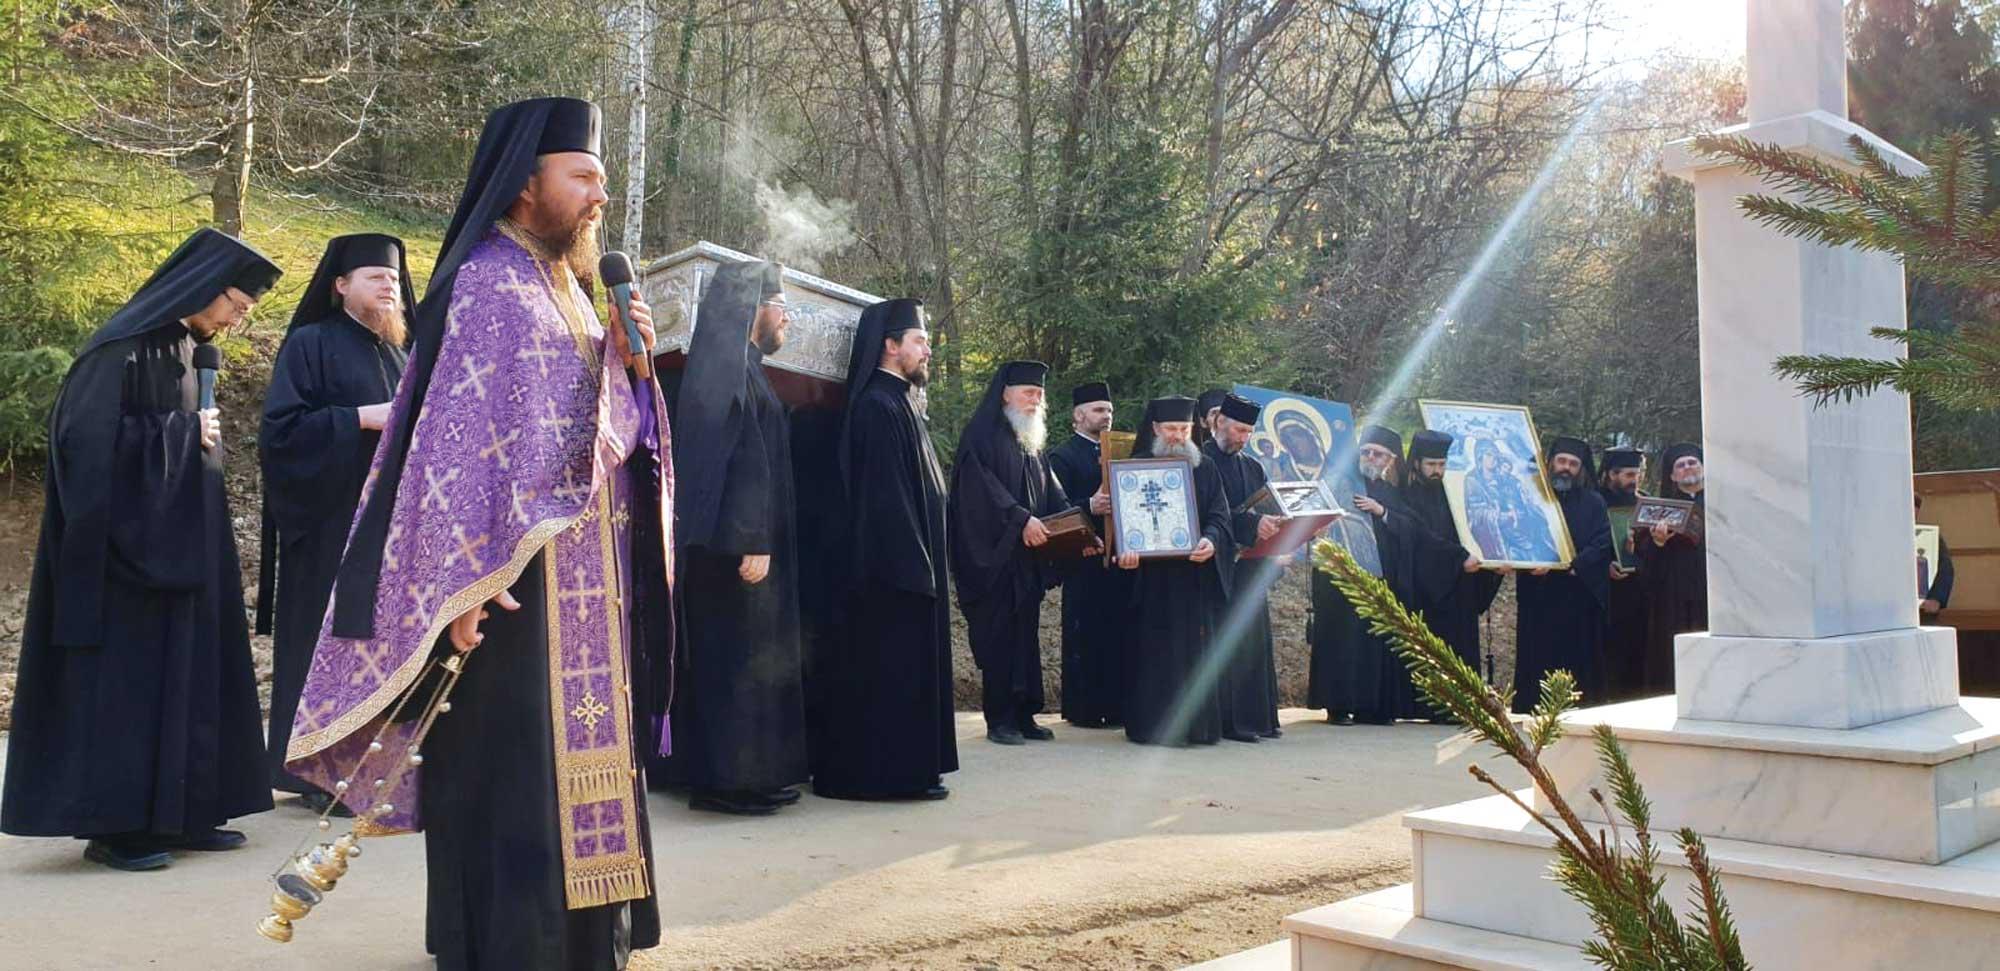 Procesiune cu odoare sfinte la Mănăstirea Izbuc